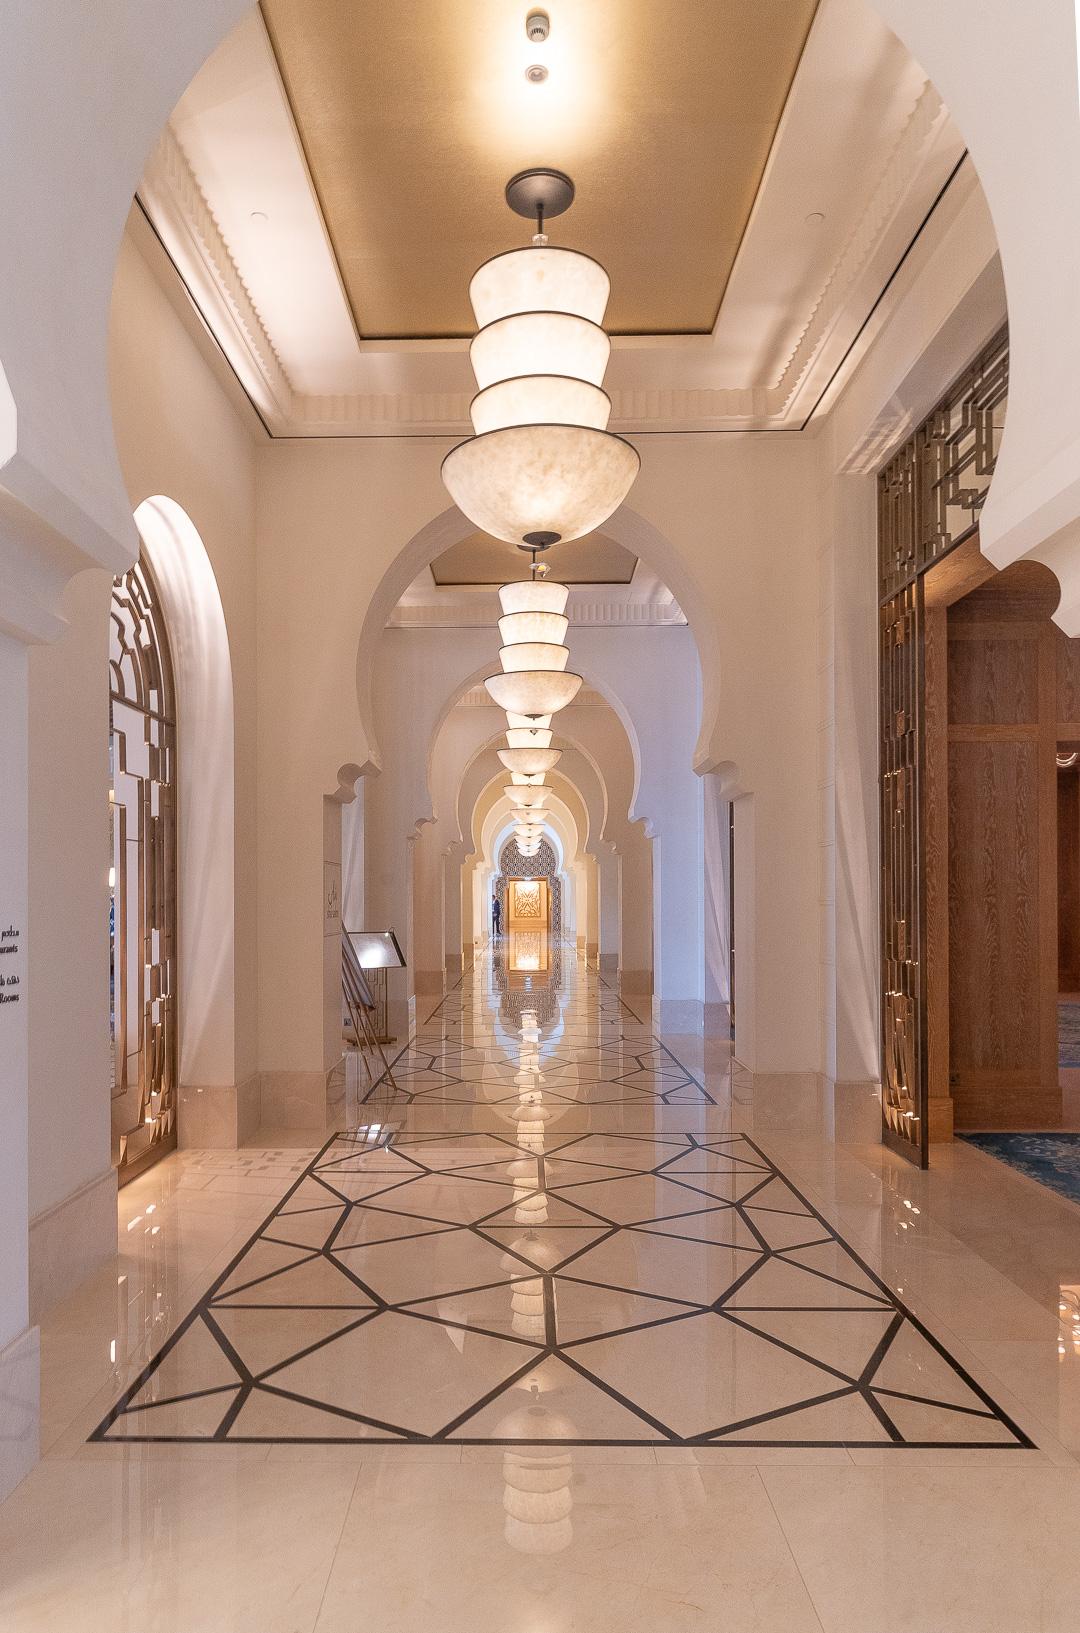 FS Jumeirah 3 - REVIEW - Four Seasons Dubai at Jumeirah Beach : Deluxe City-View Room [COVID-era]